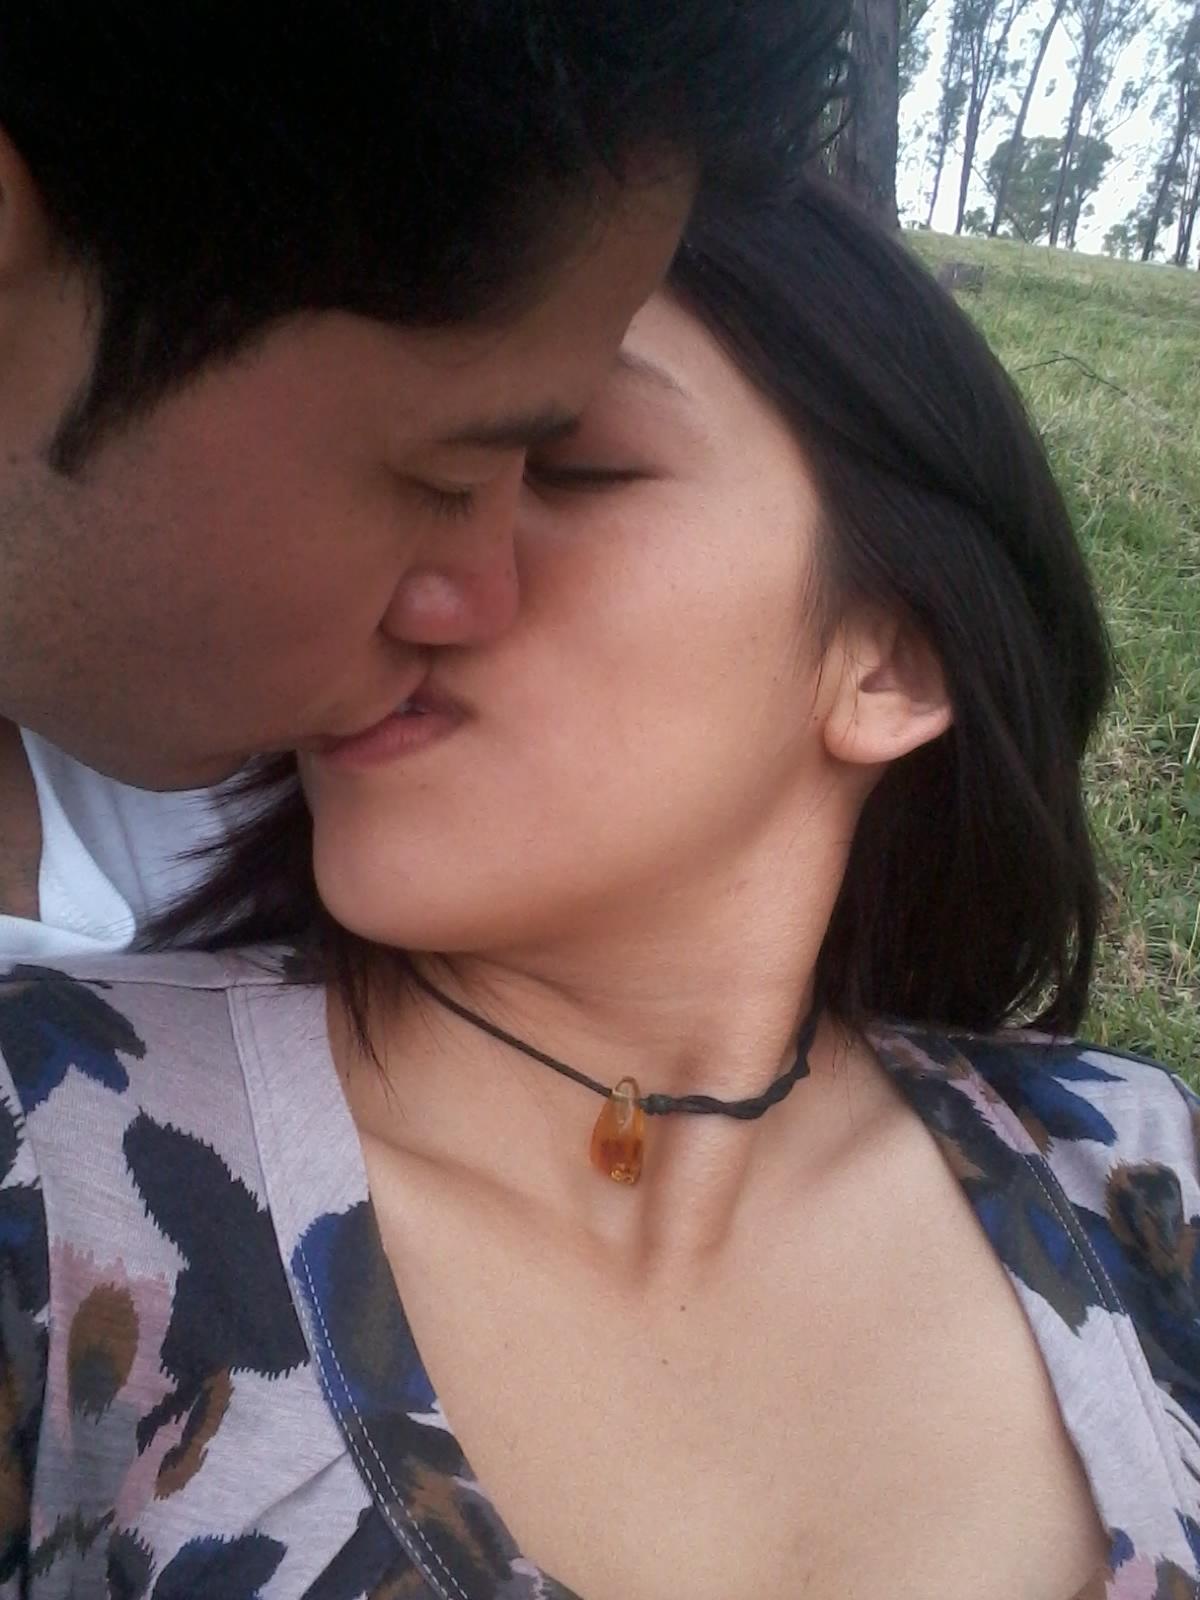 Chicas Lindas En La Cama De Besandose